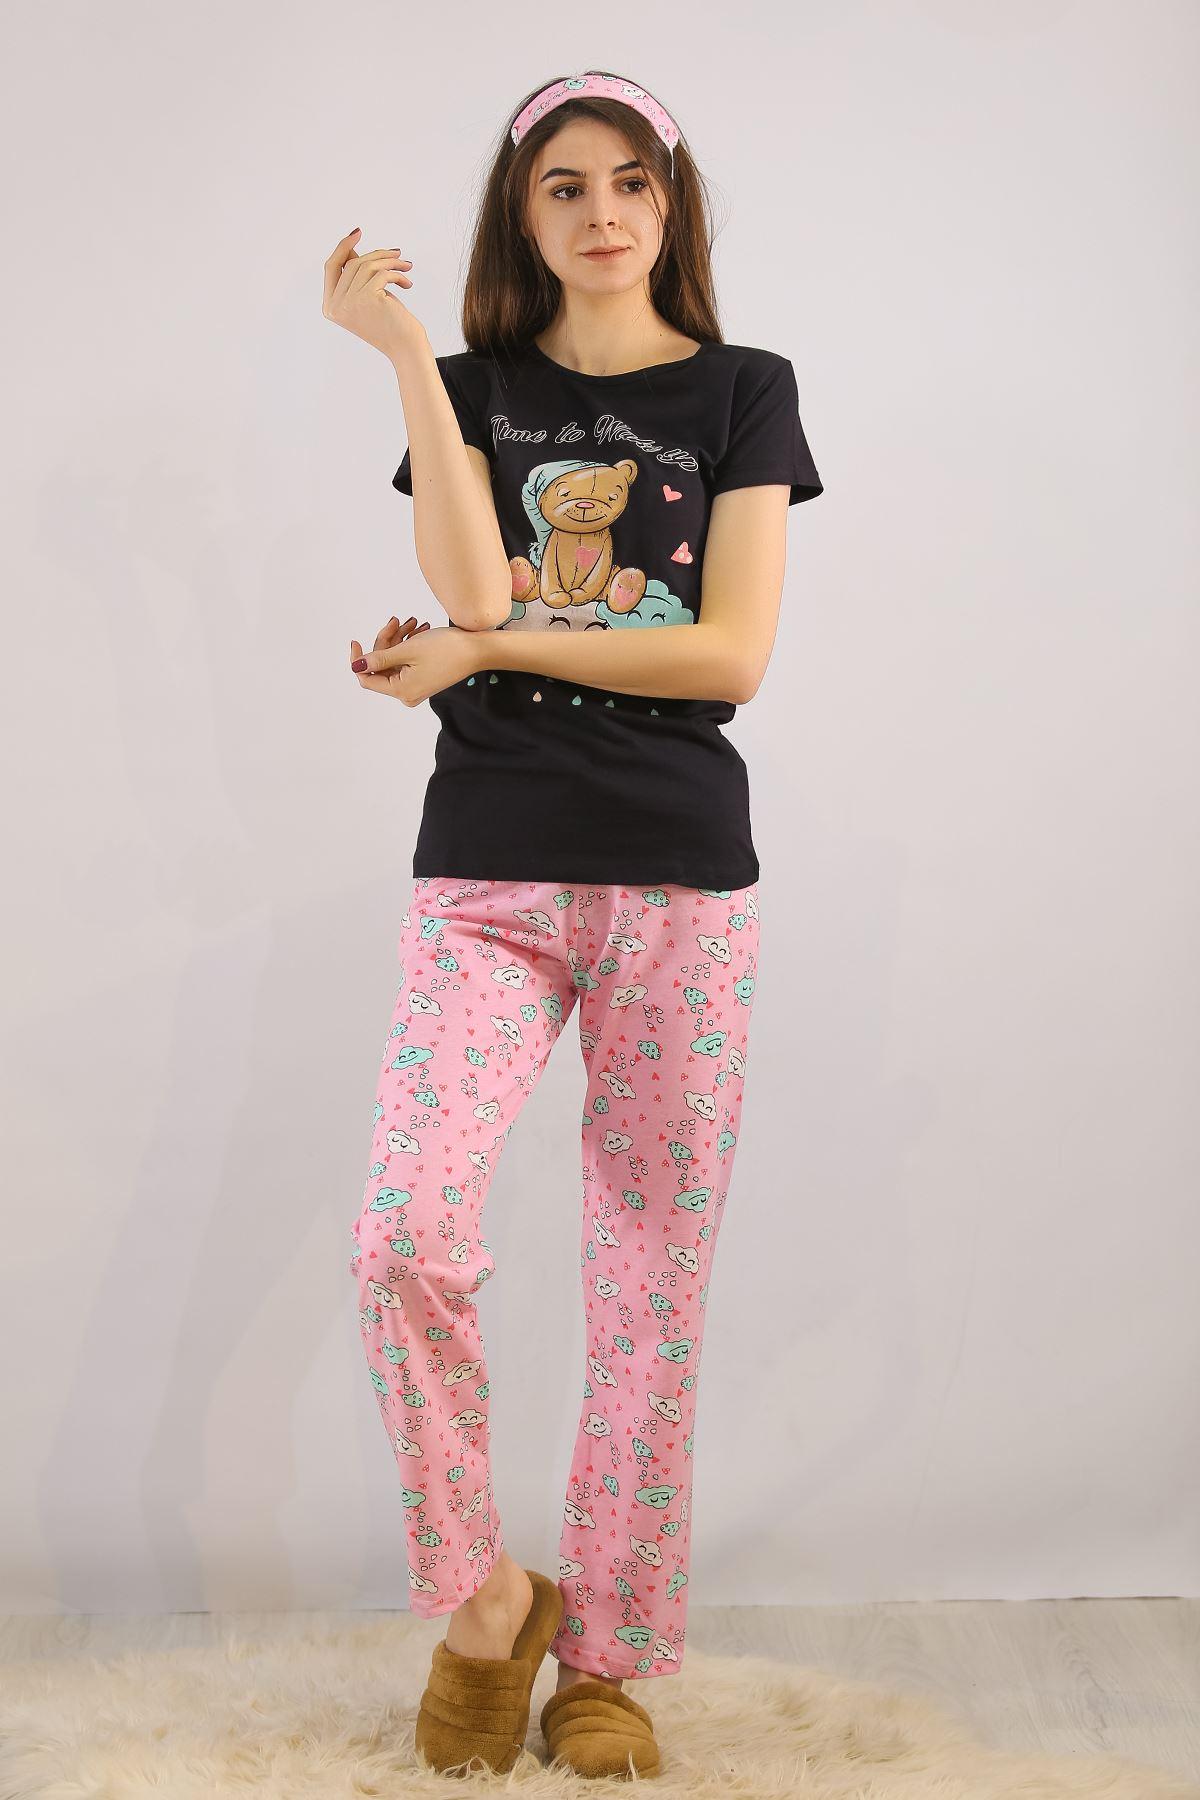 Baskılı Pijama Takımı Siyah - 4715.102.